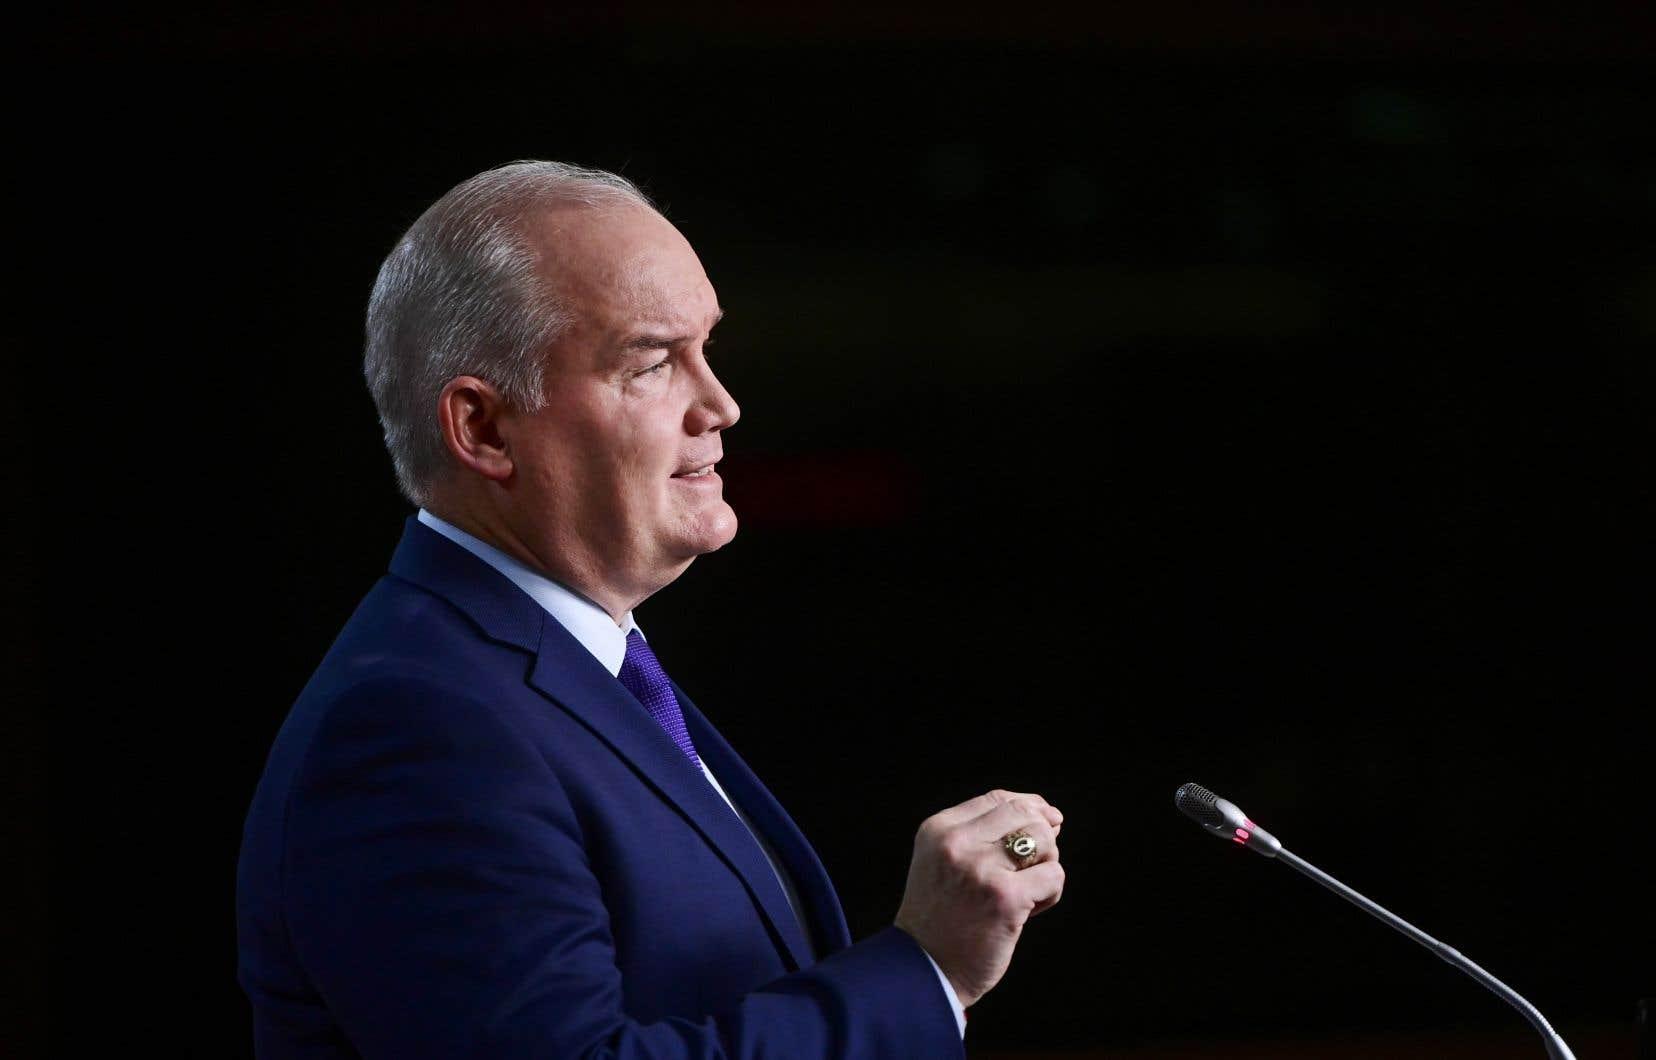 Selon Erin O'Toole, Ottawa fait une erreur en voulant accroître le nombre d'immigrants reçus au cours des prochaines années.